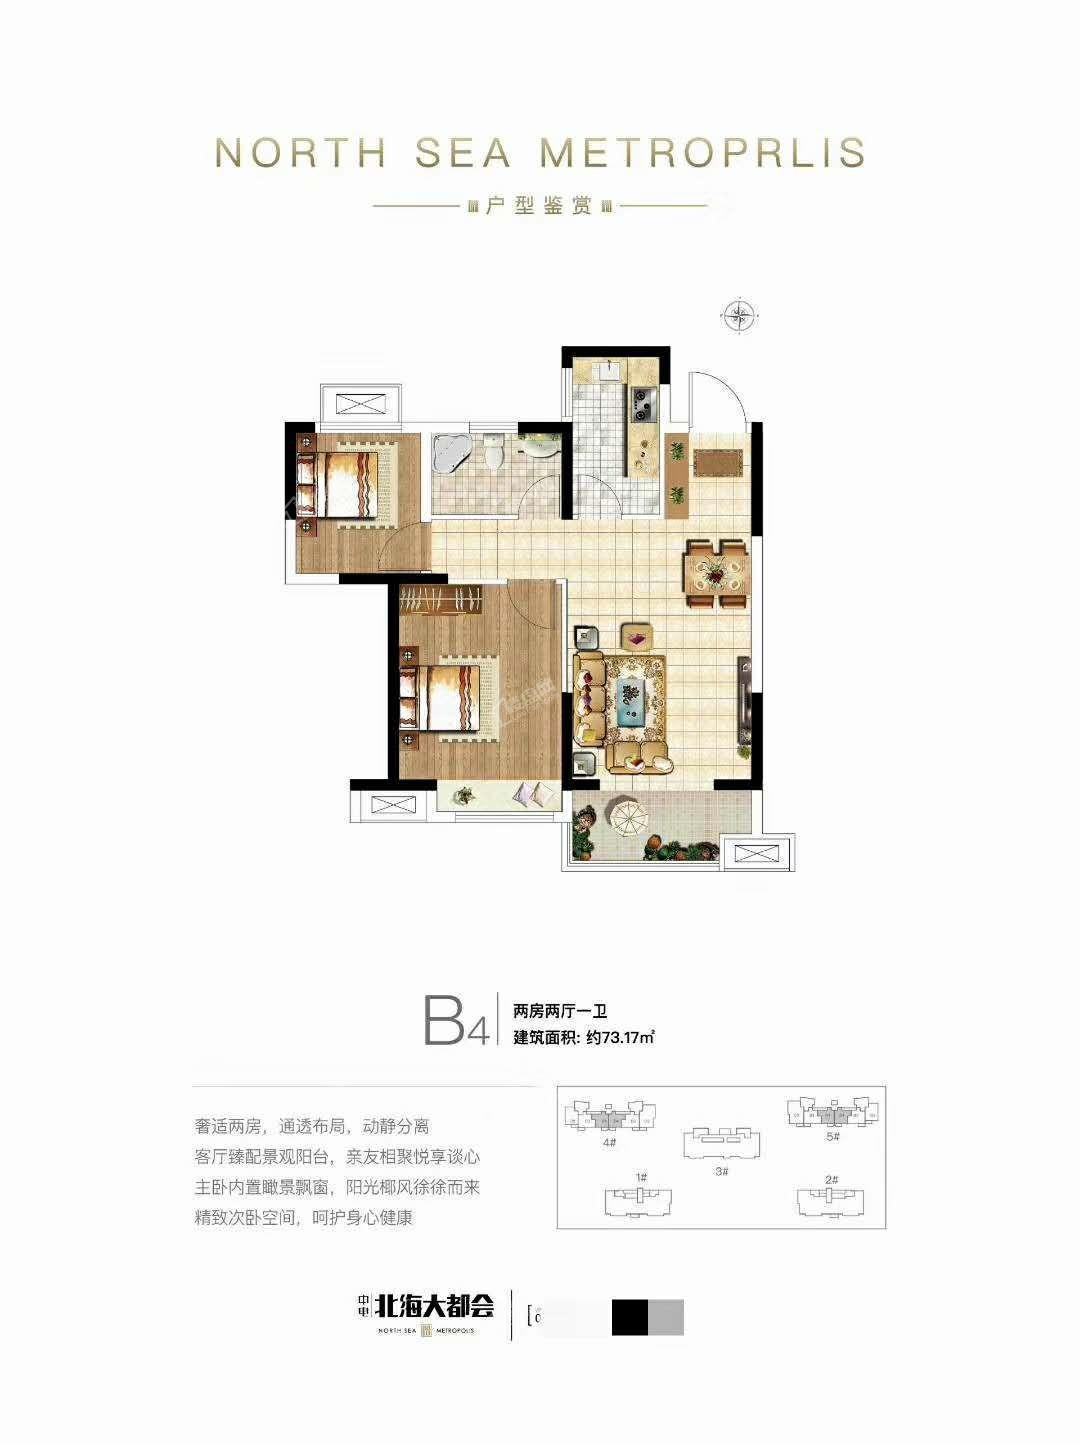 B4 两房两厅一卫 73.17㎡